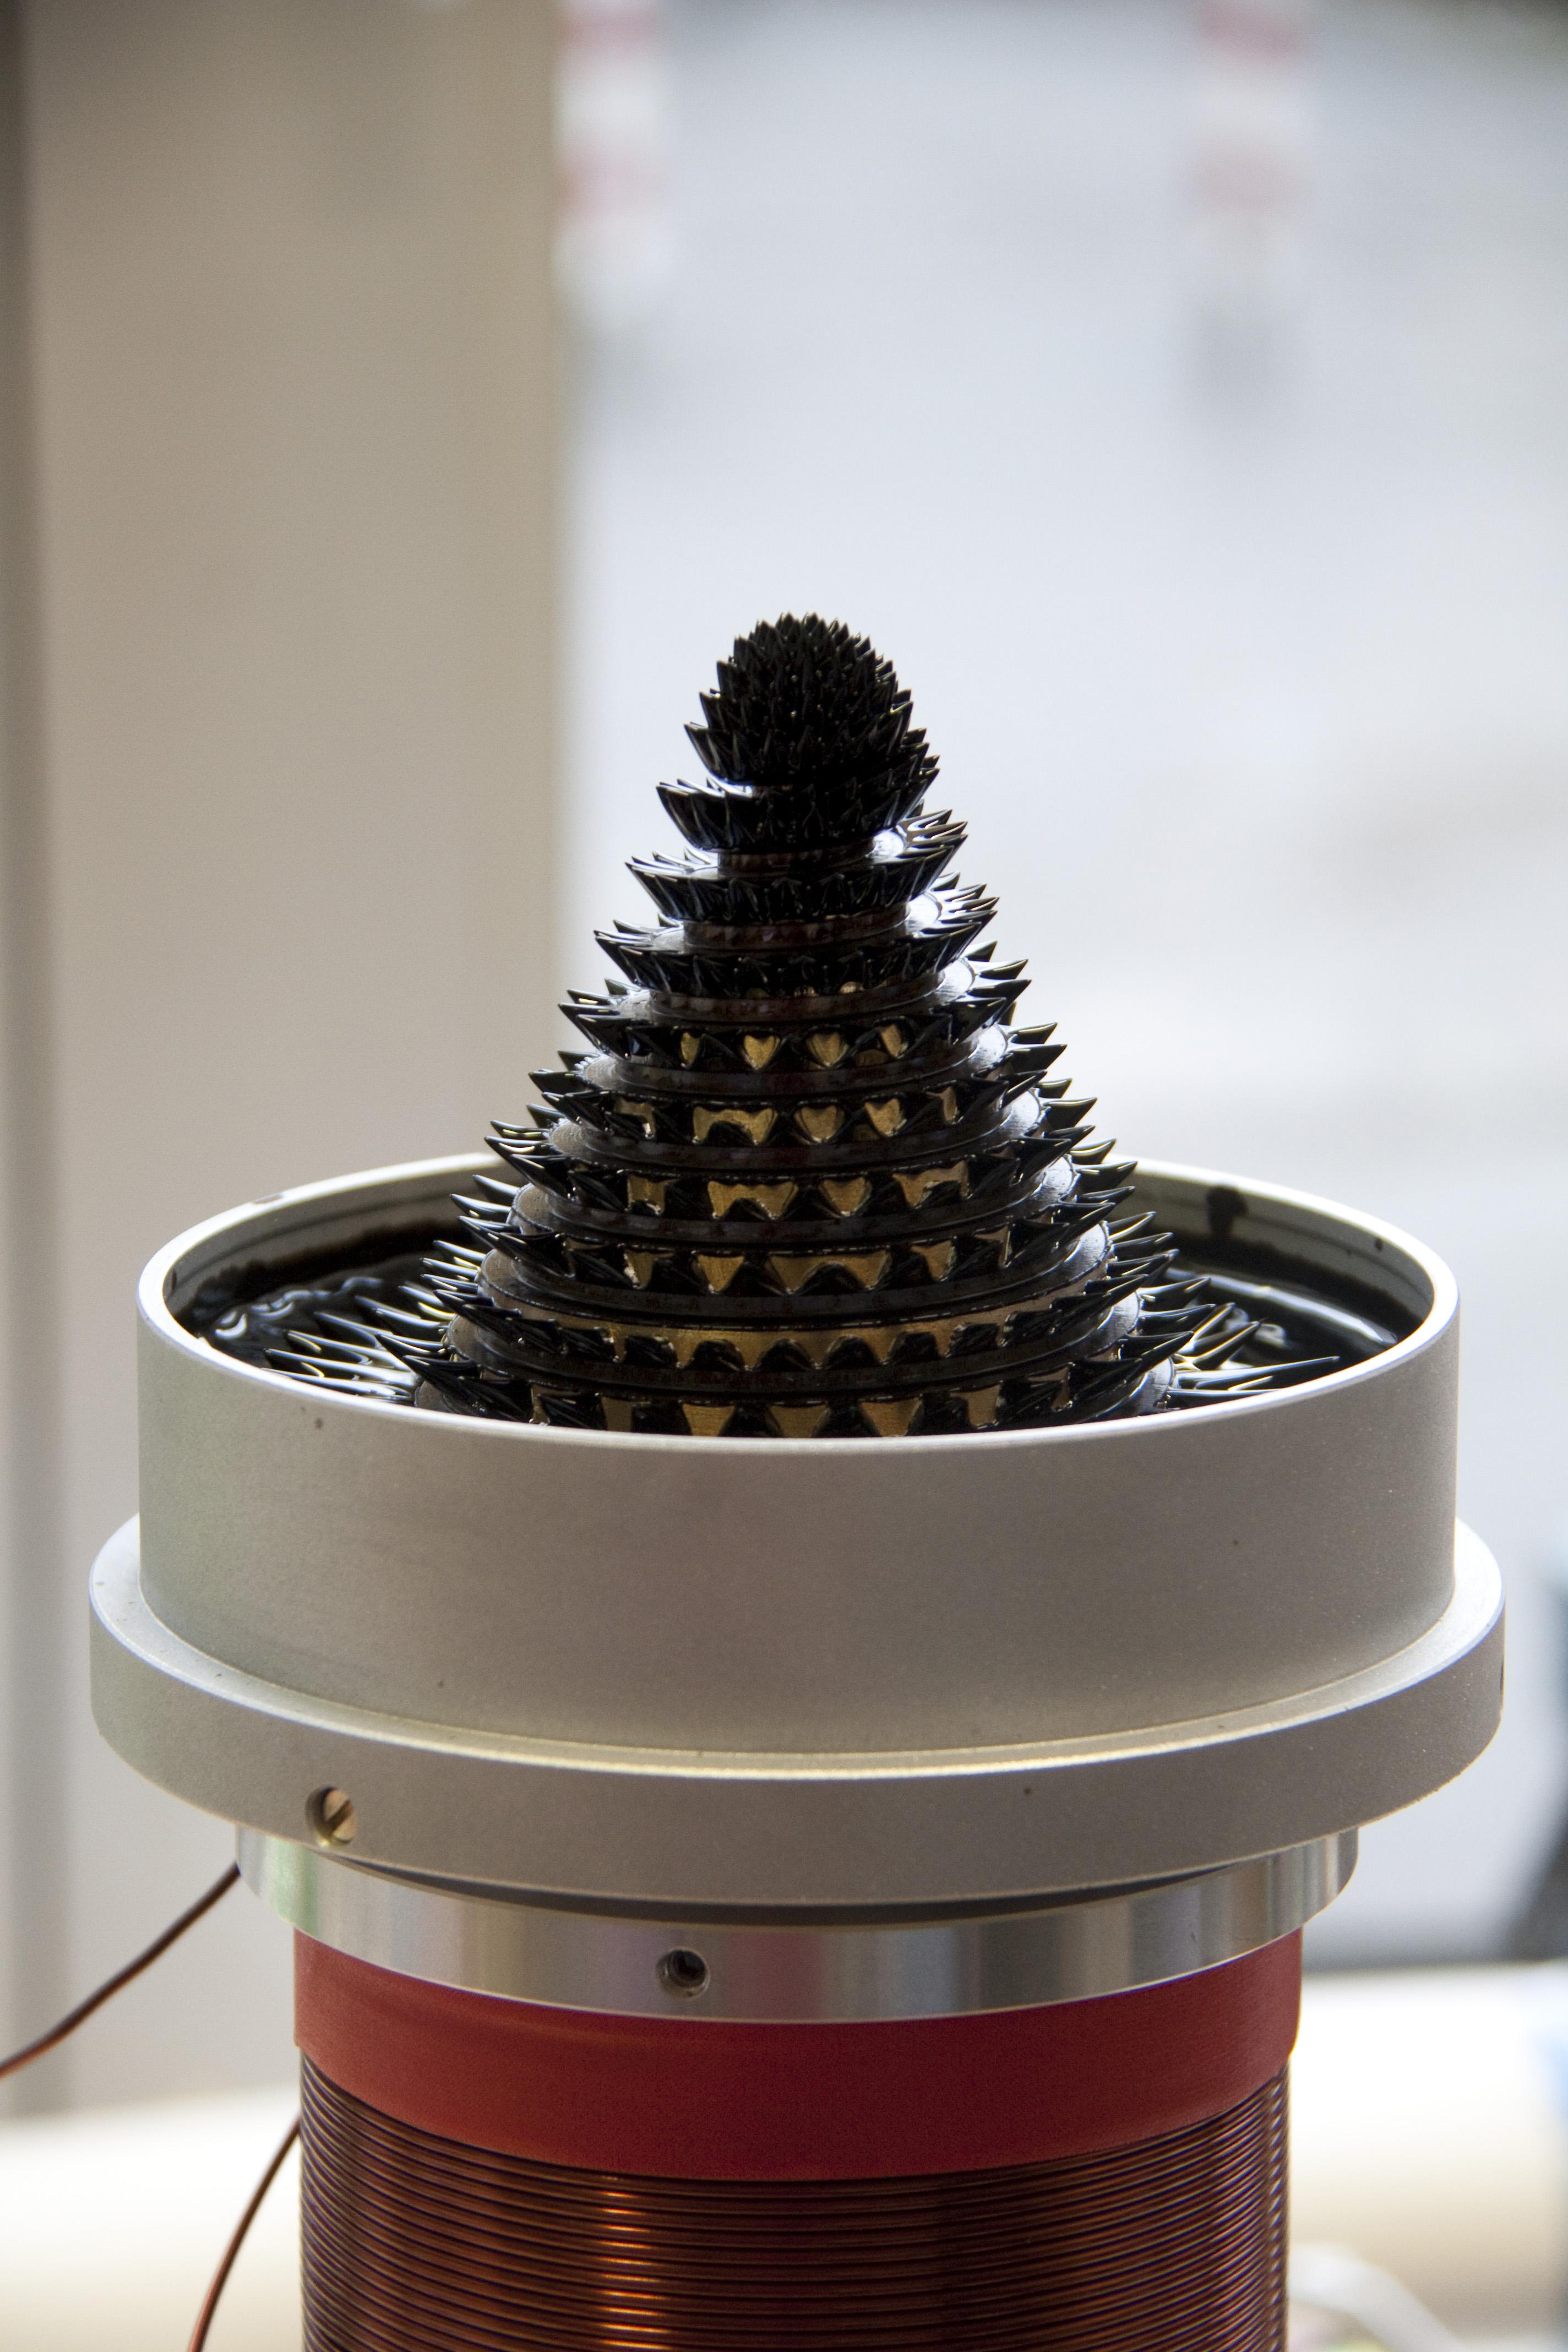 Mit dem Ferrofluid-Brunnen zeigt CeNIDE, wie sich winzige magnetische Partikel beeinflussen lassen. Foto: CeNIDE